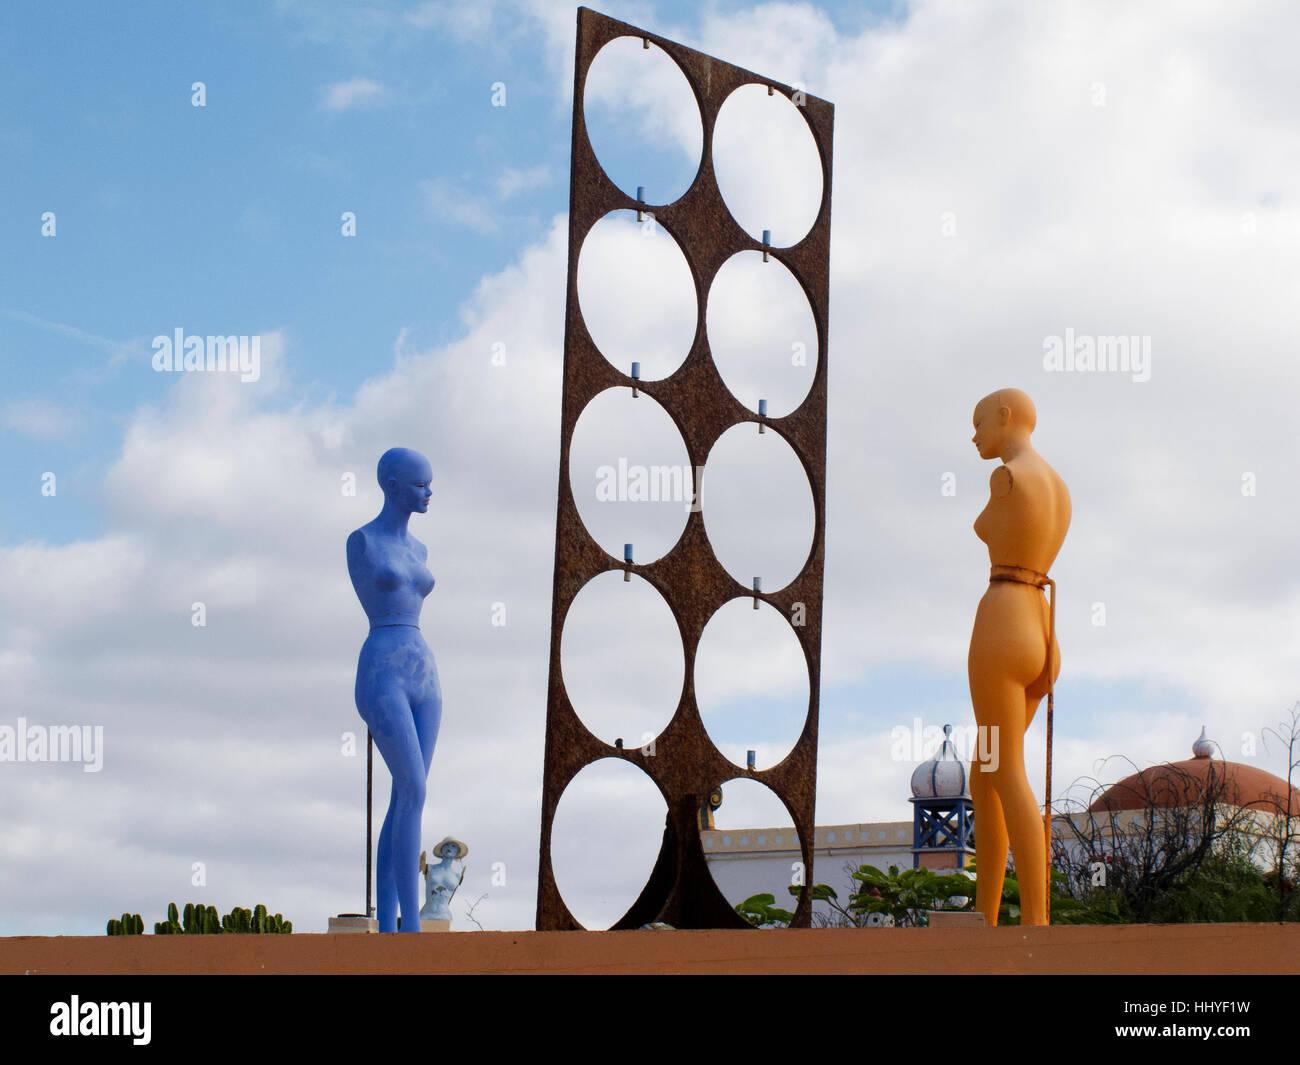 Skurrile surrealistische Kunst und Bildhauerei an der Villa Tabaiba Corralejo, Fuerteventura. Stockbild